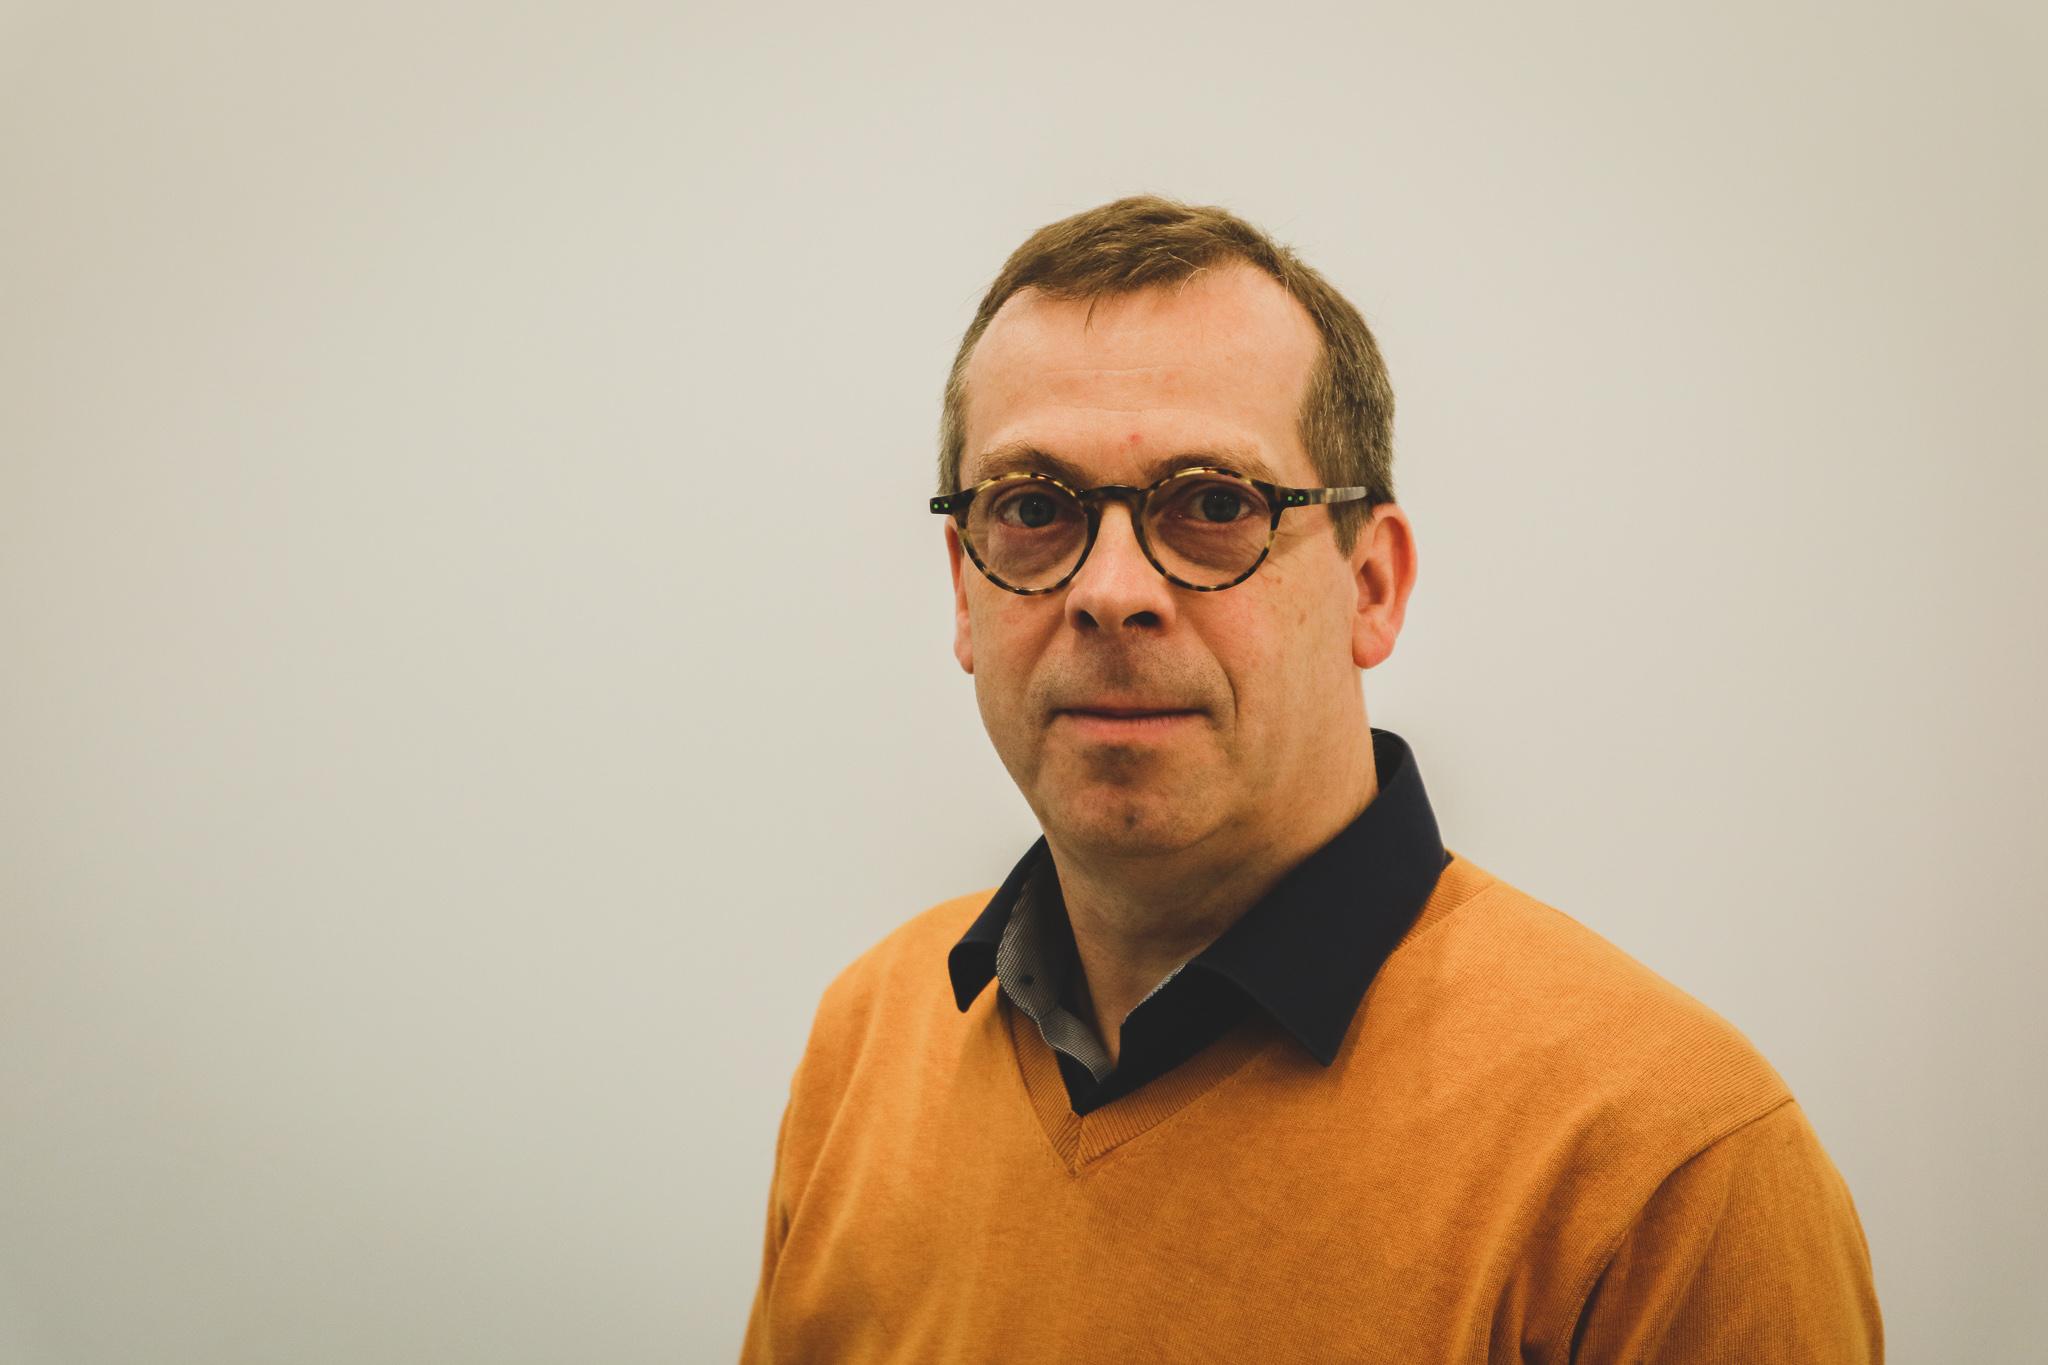 Peter Van Malderen